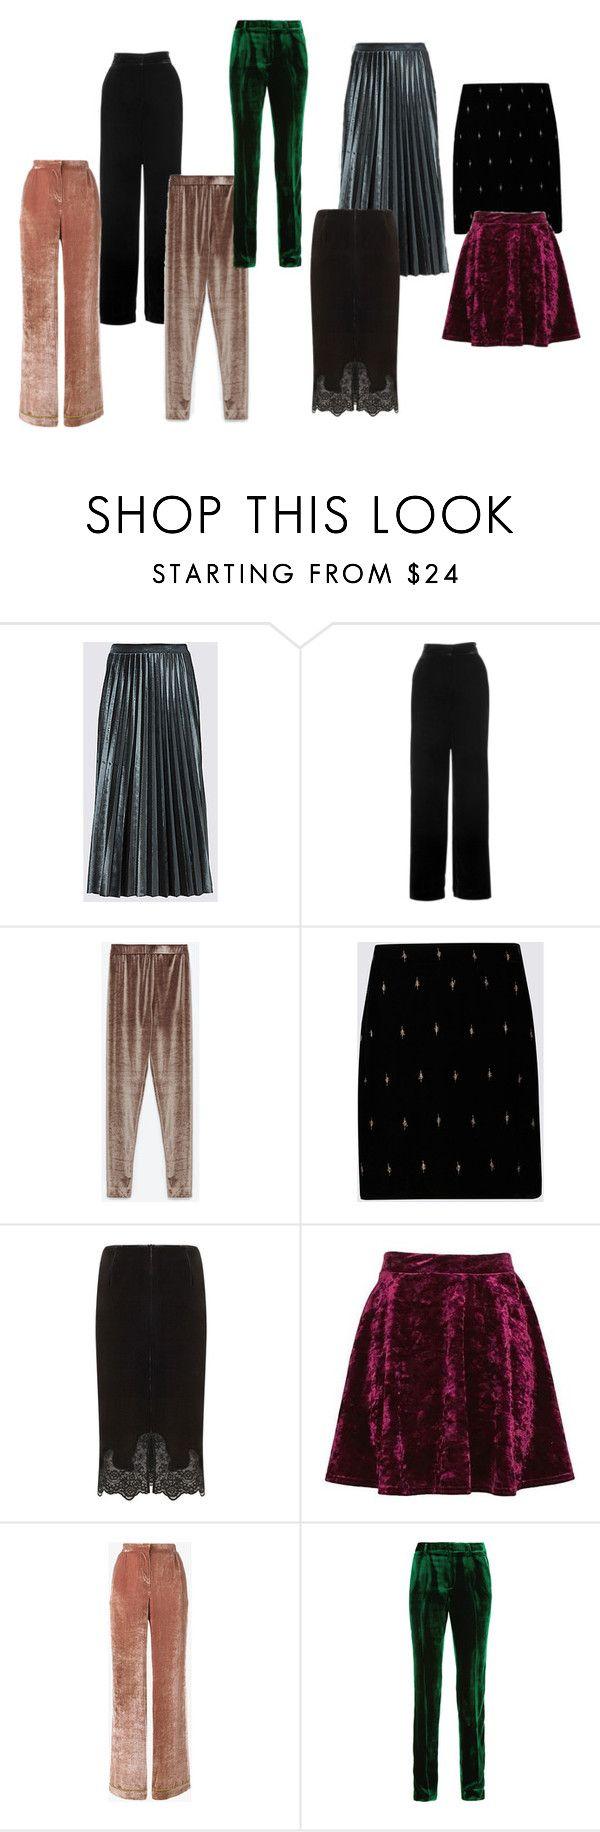 Velvet trousers and skirts by kettlewellcolours on Polyvore featuring Mode, Alberta Ferretti, Marks & Spencer, Whistles, Mint Velvet, Belgique, Topshop and Haider Ackermann